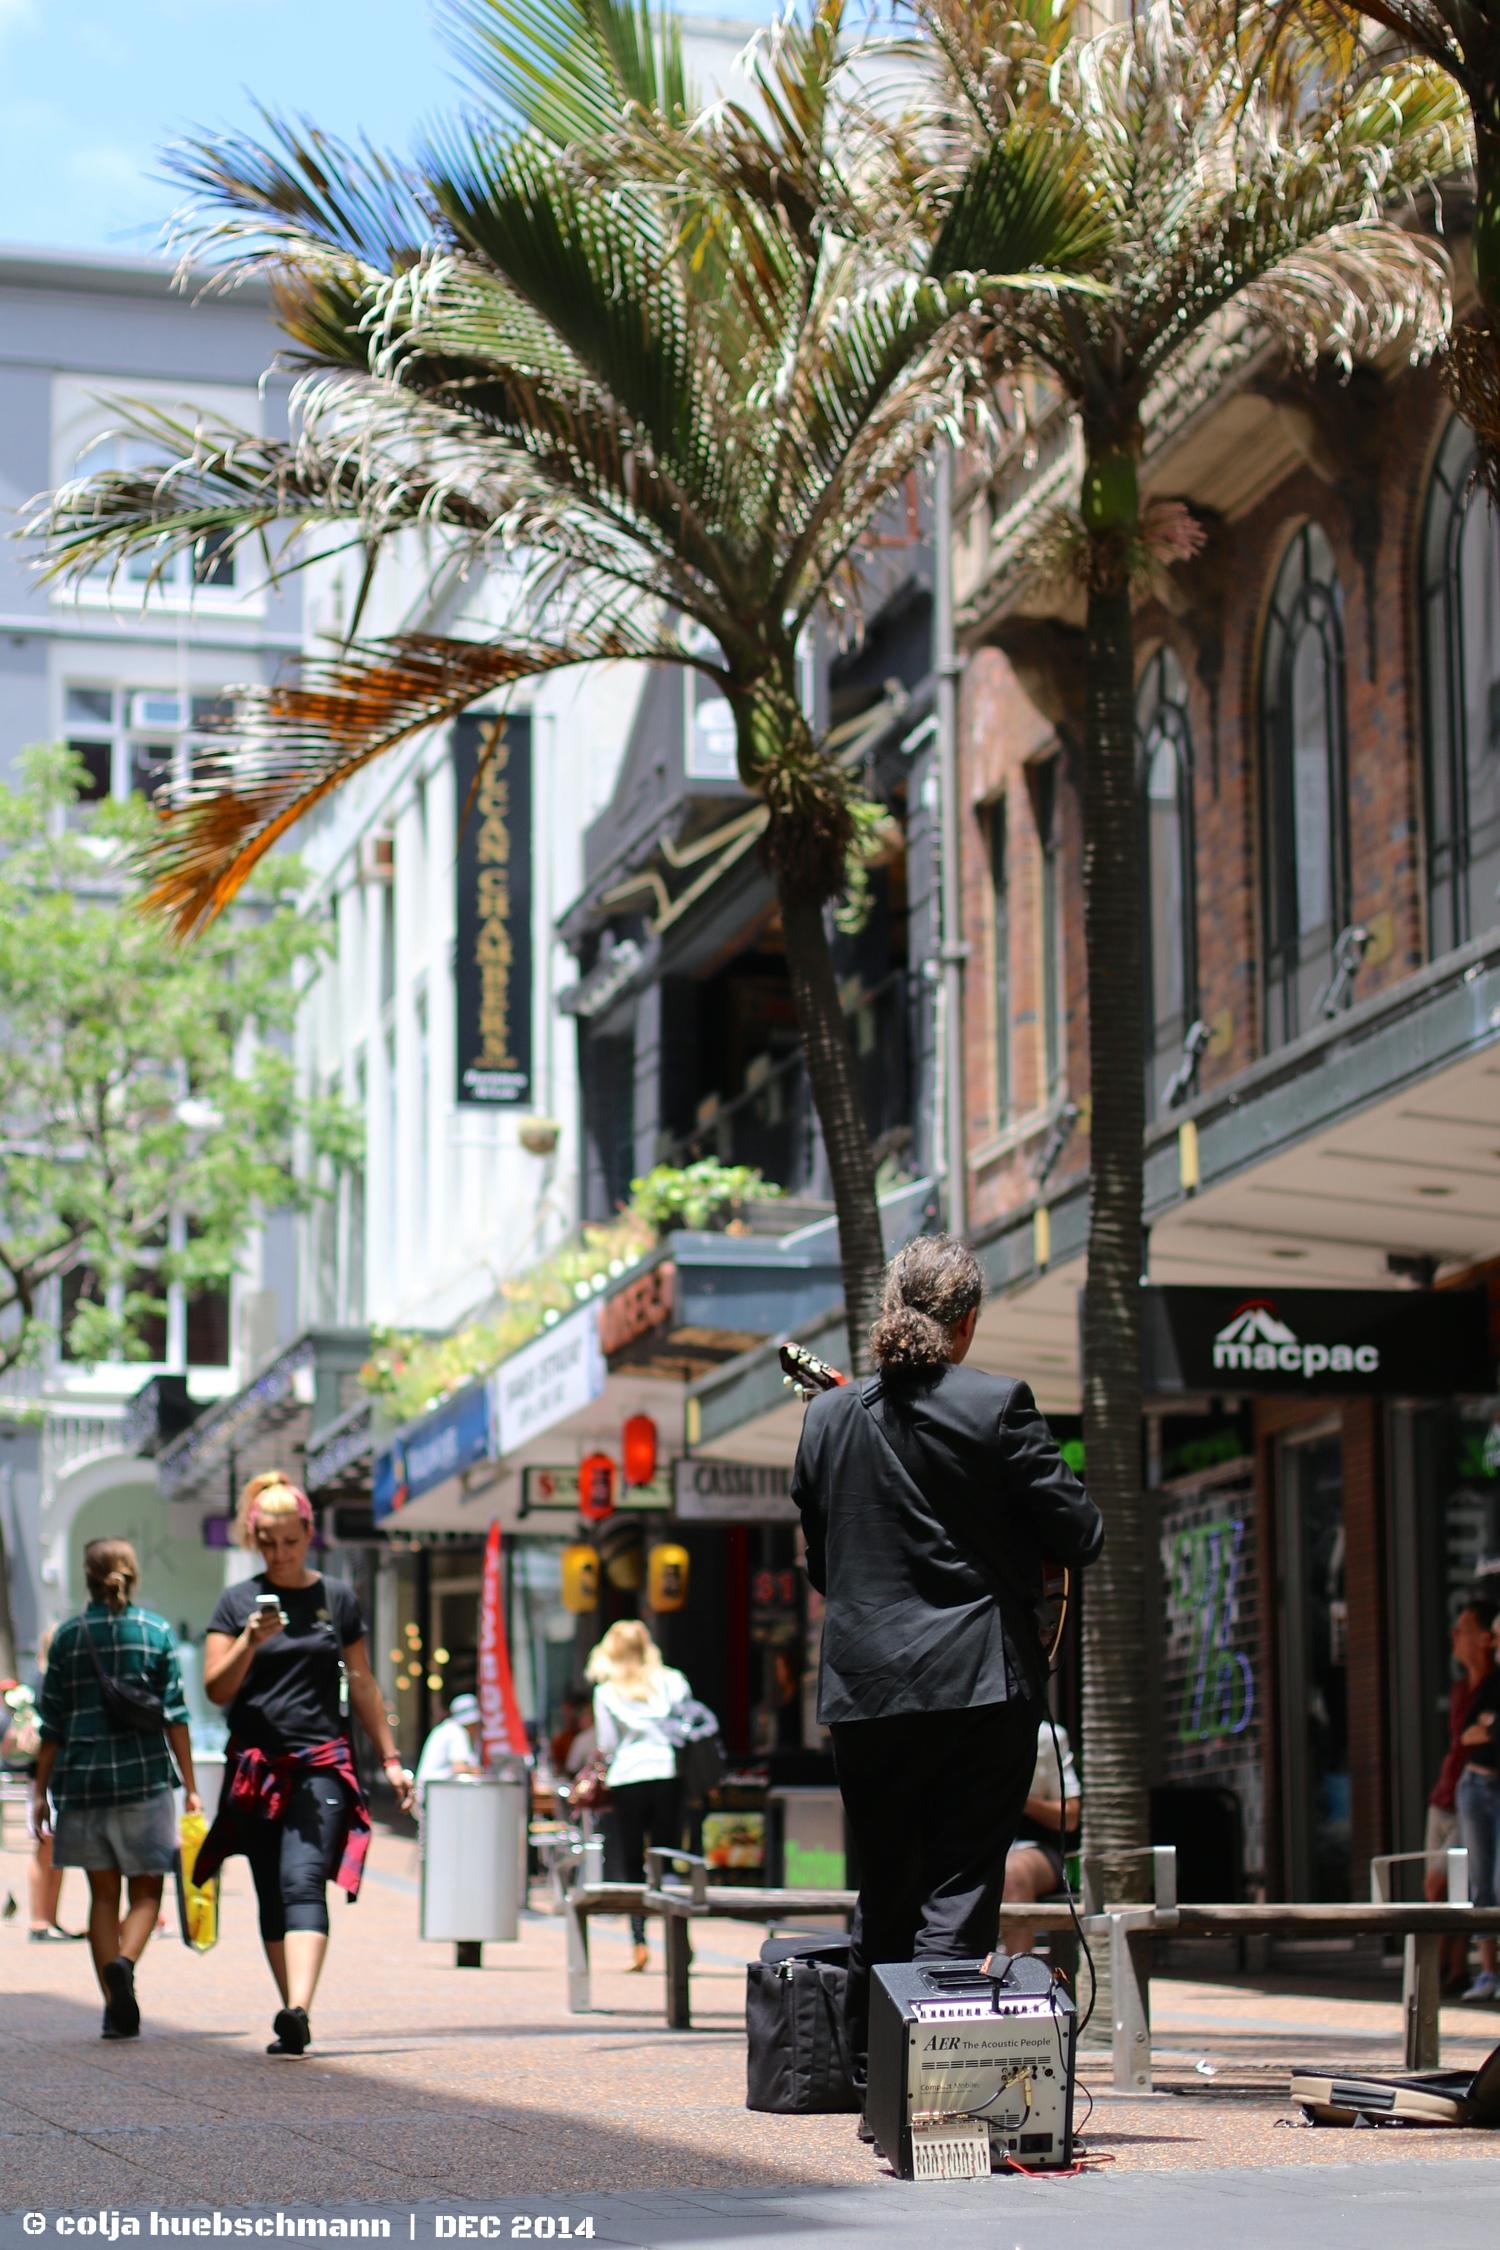 Street musician - vulcan ln.